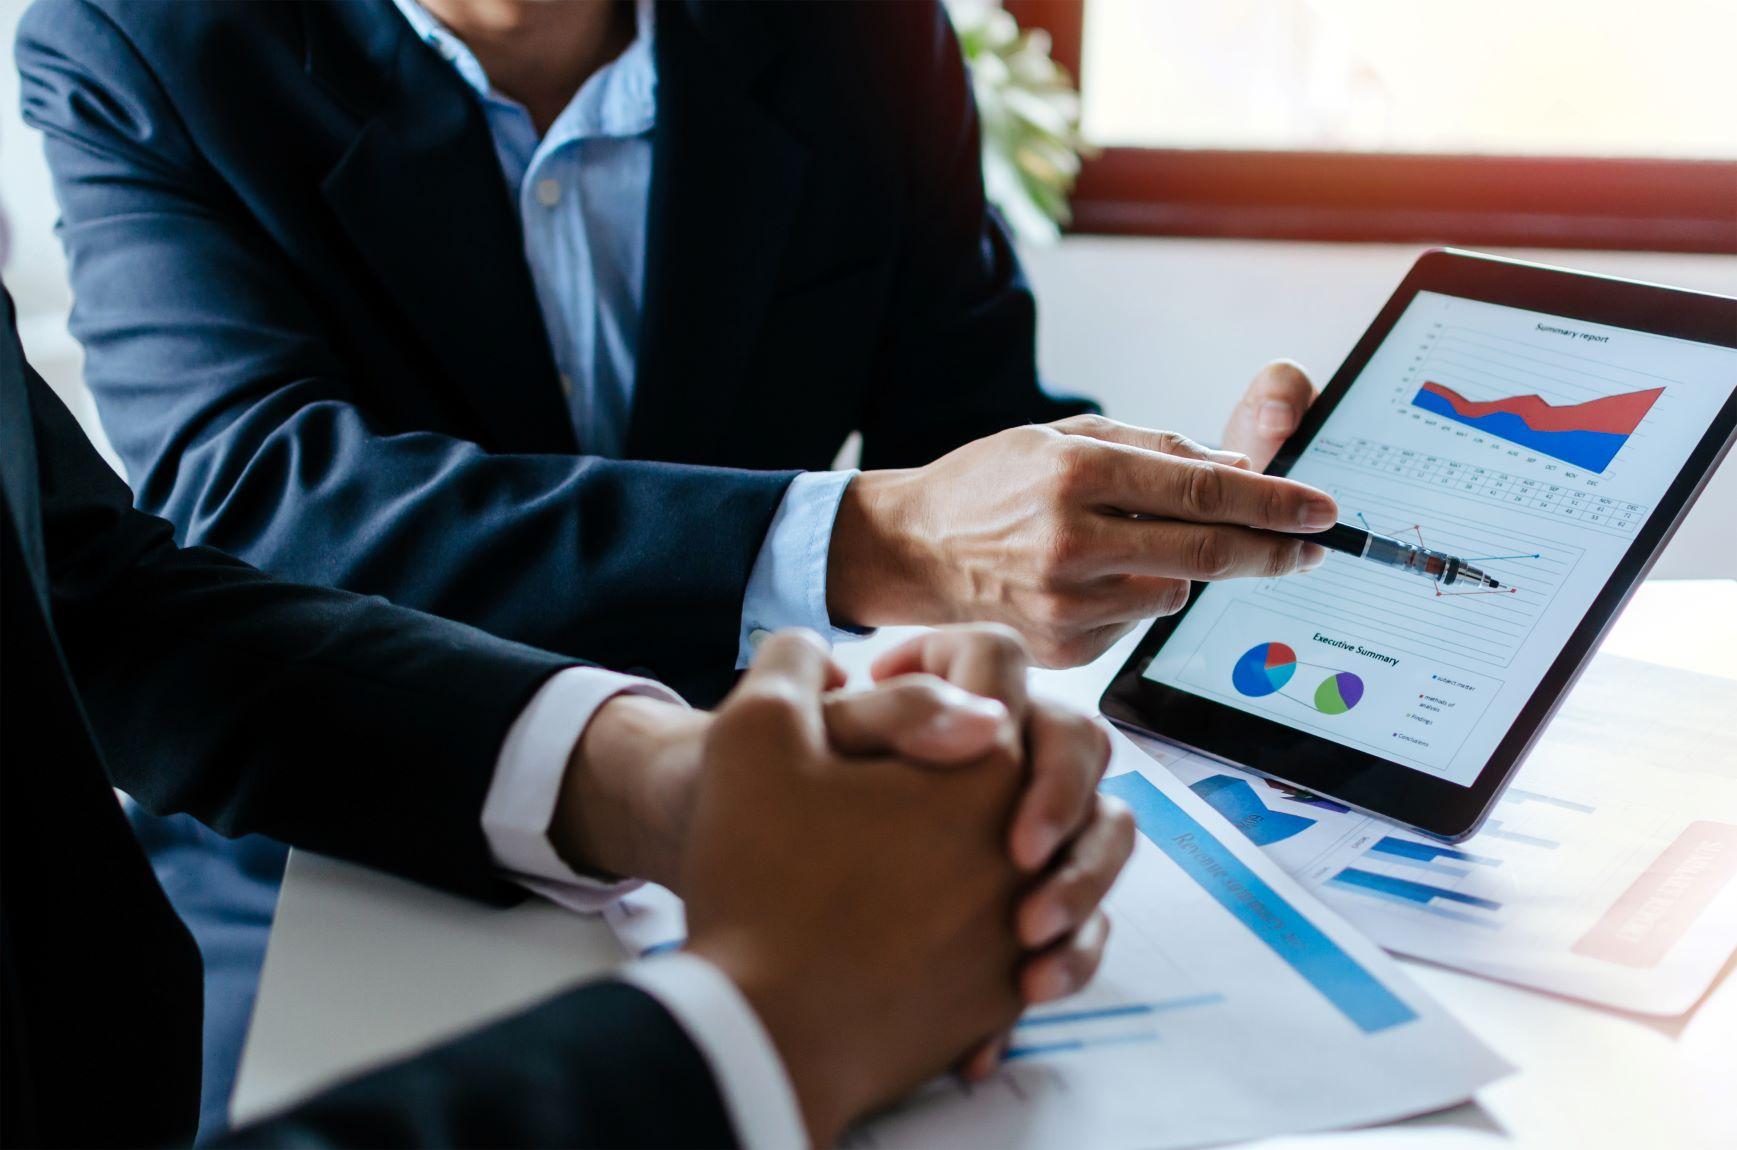 Métricas de vendas: conheça alguns indicadores